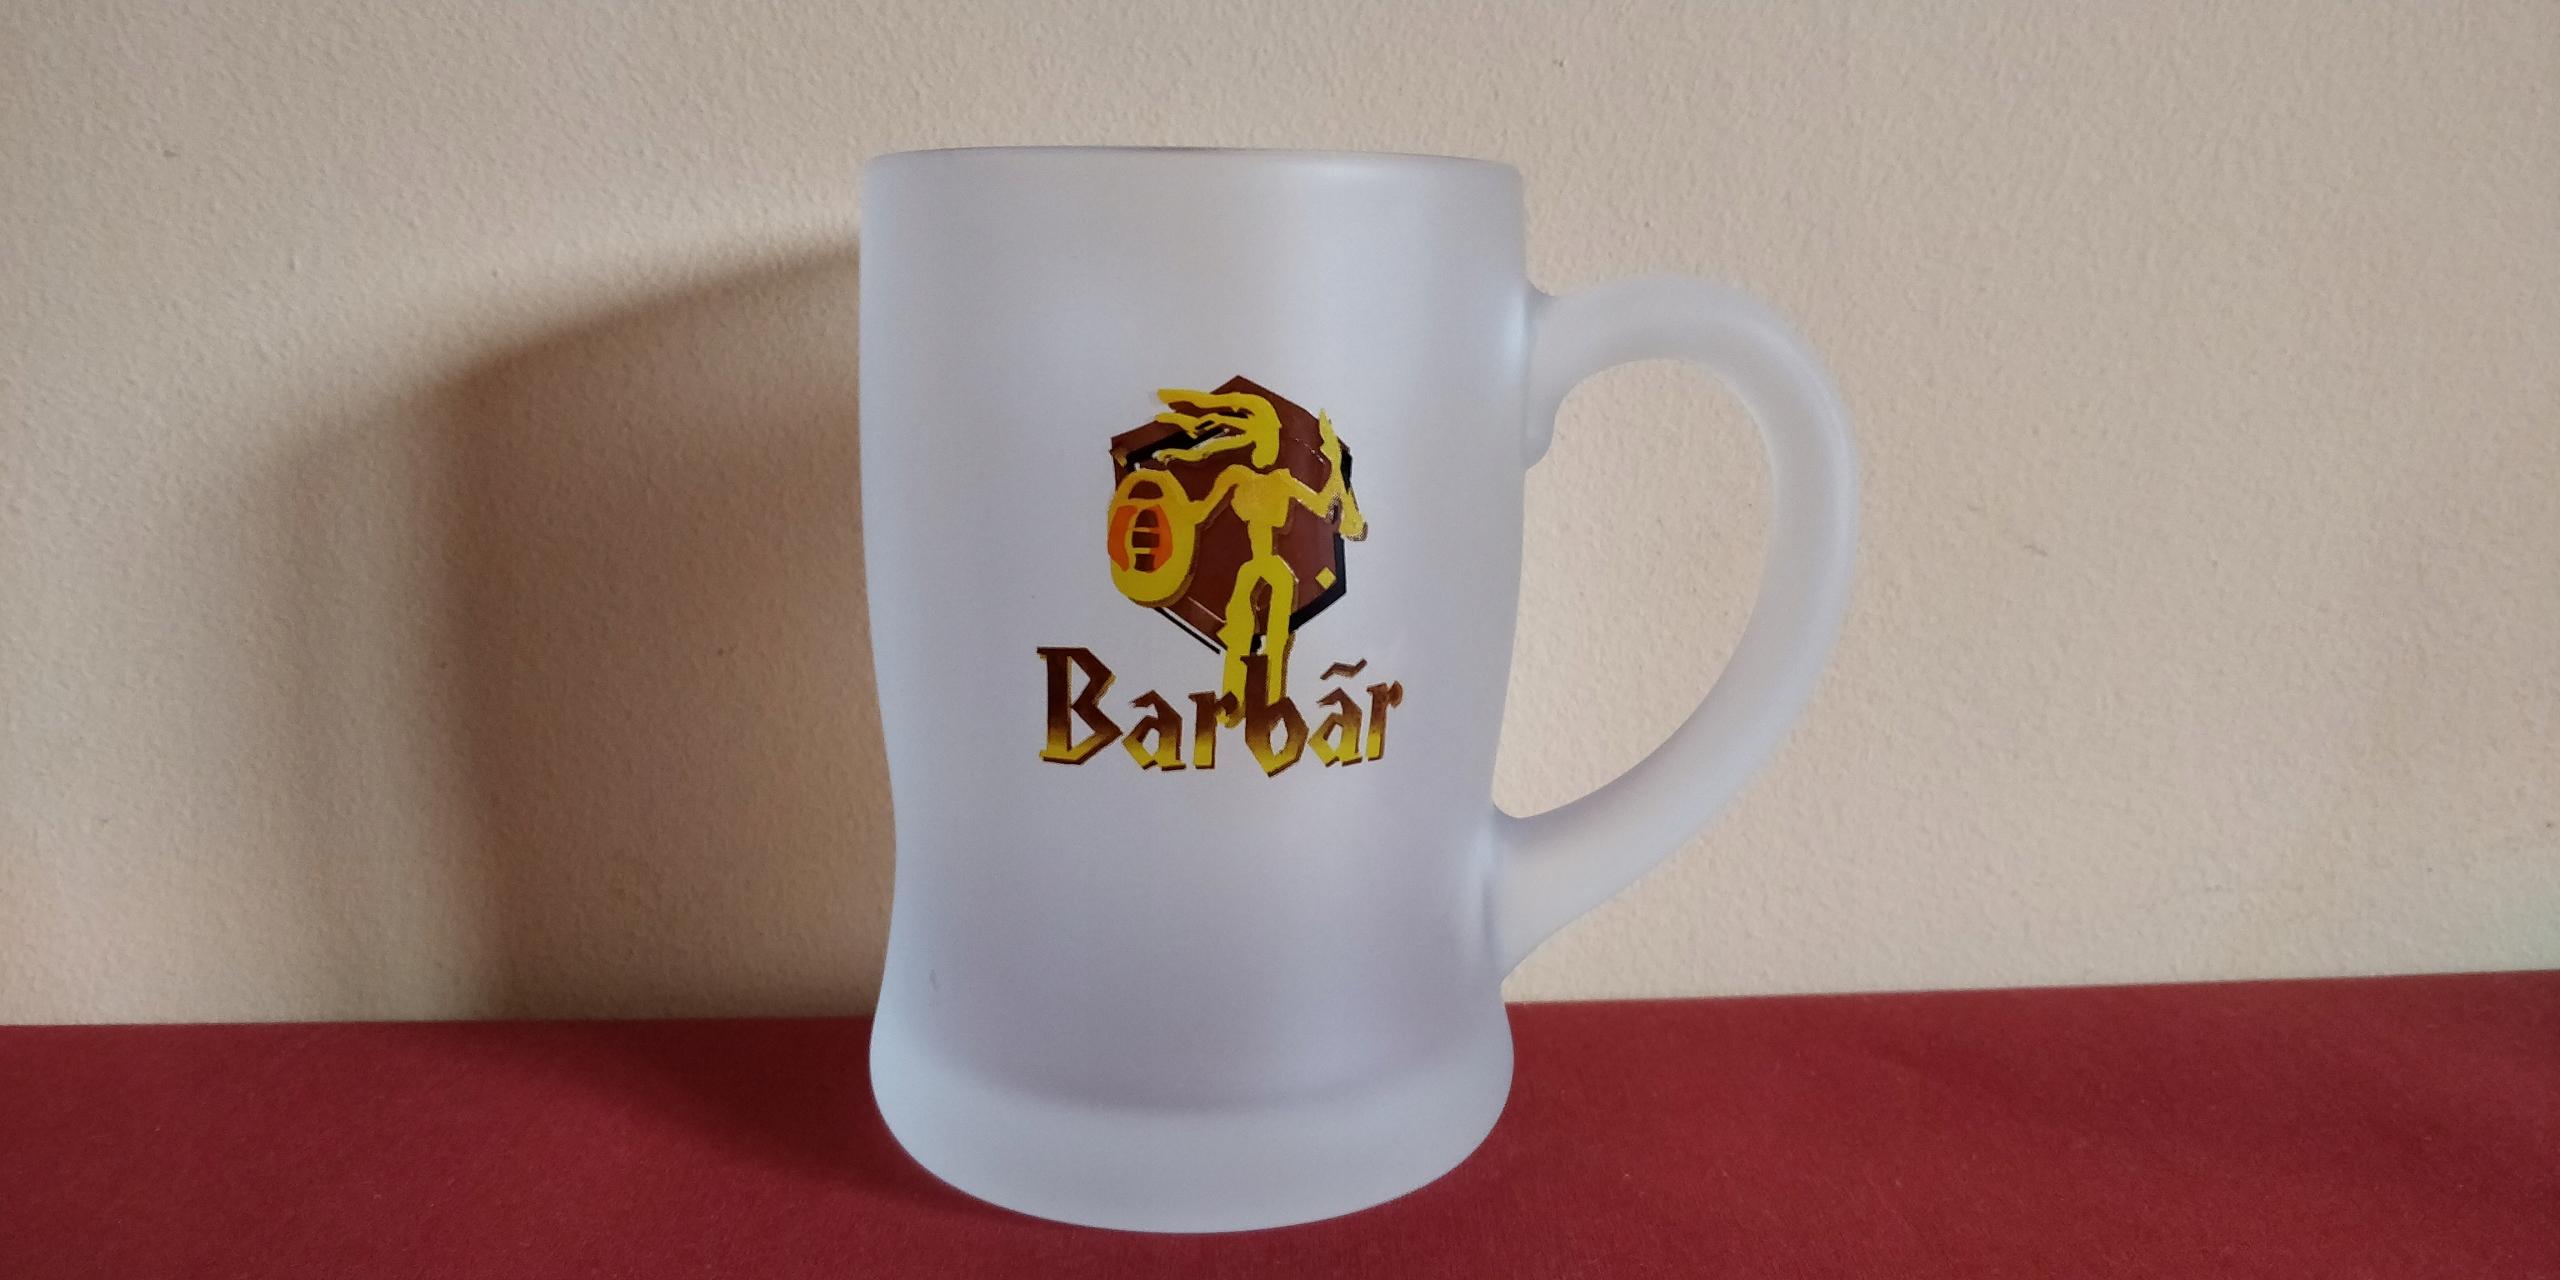 Kufel Barbar, 0,33 cl